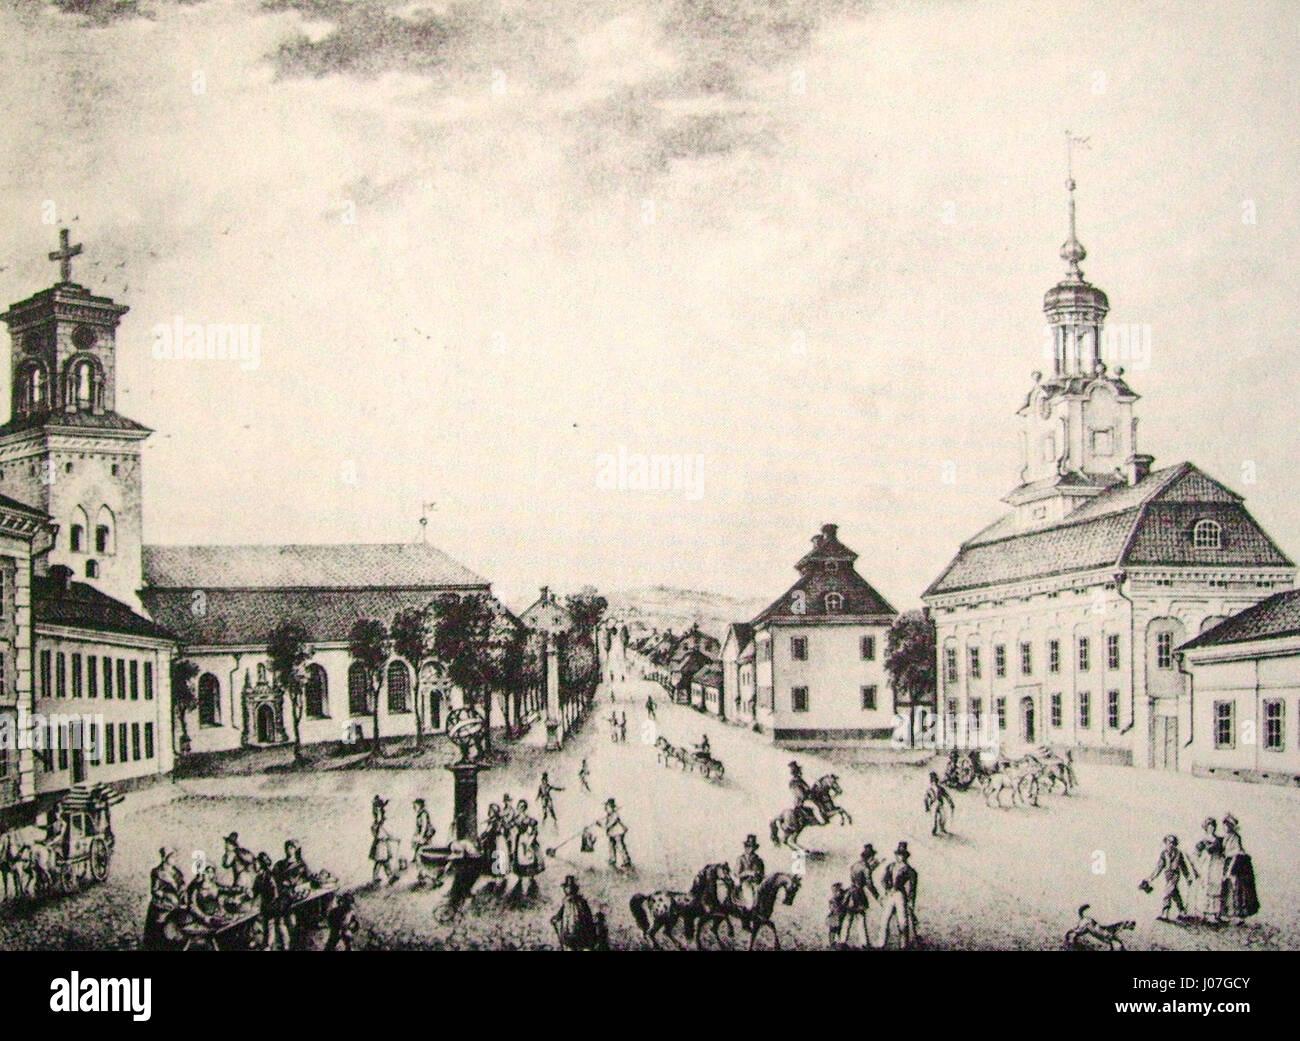 Stora torget, Nyköping. Att förnya gammal bygd. Södertälje 1974. Gravyr E. Fr. Martin 1840 - Stock Image